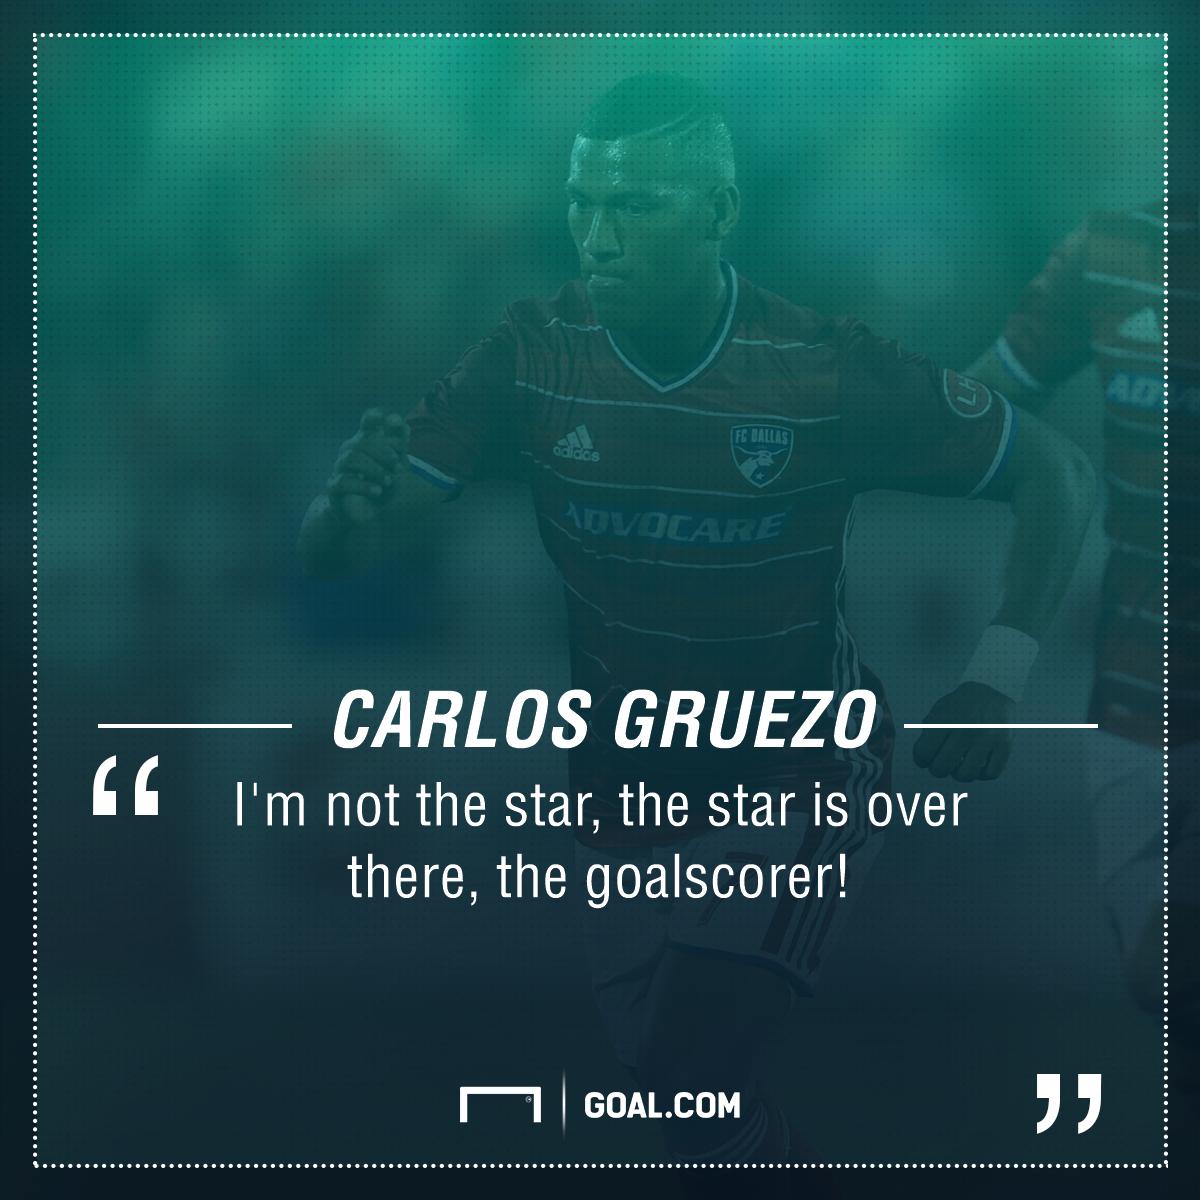 Gruezo quote PS